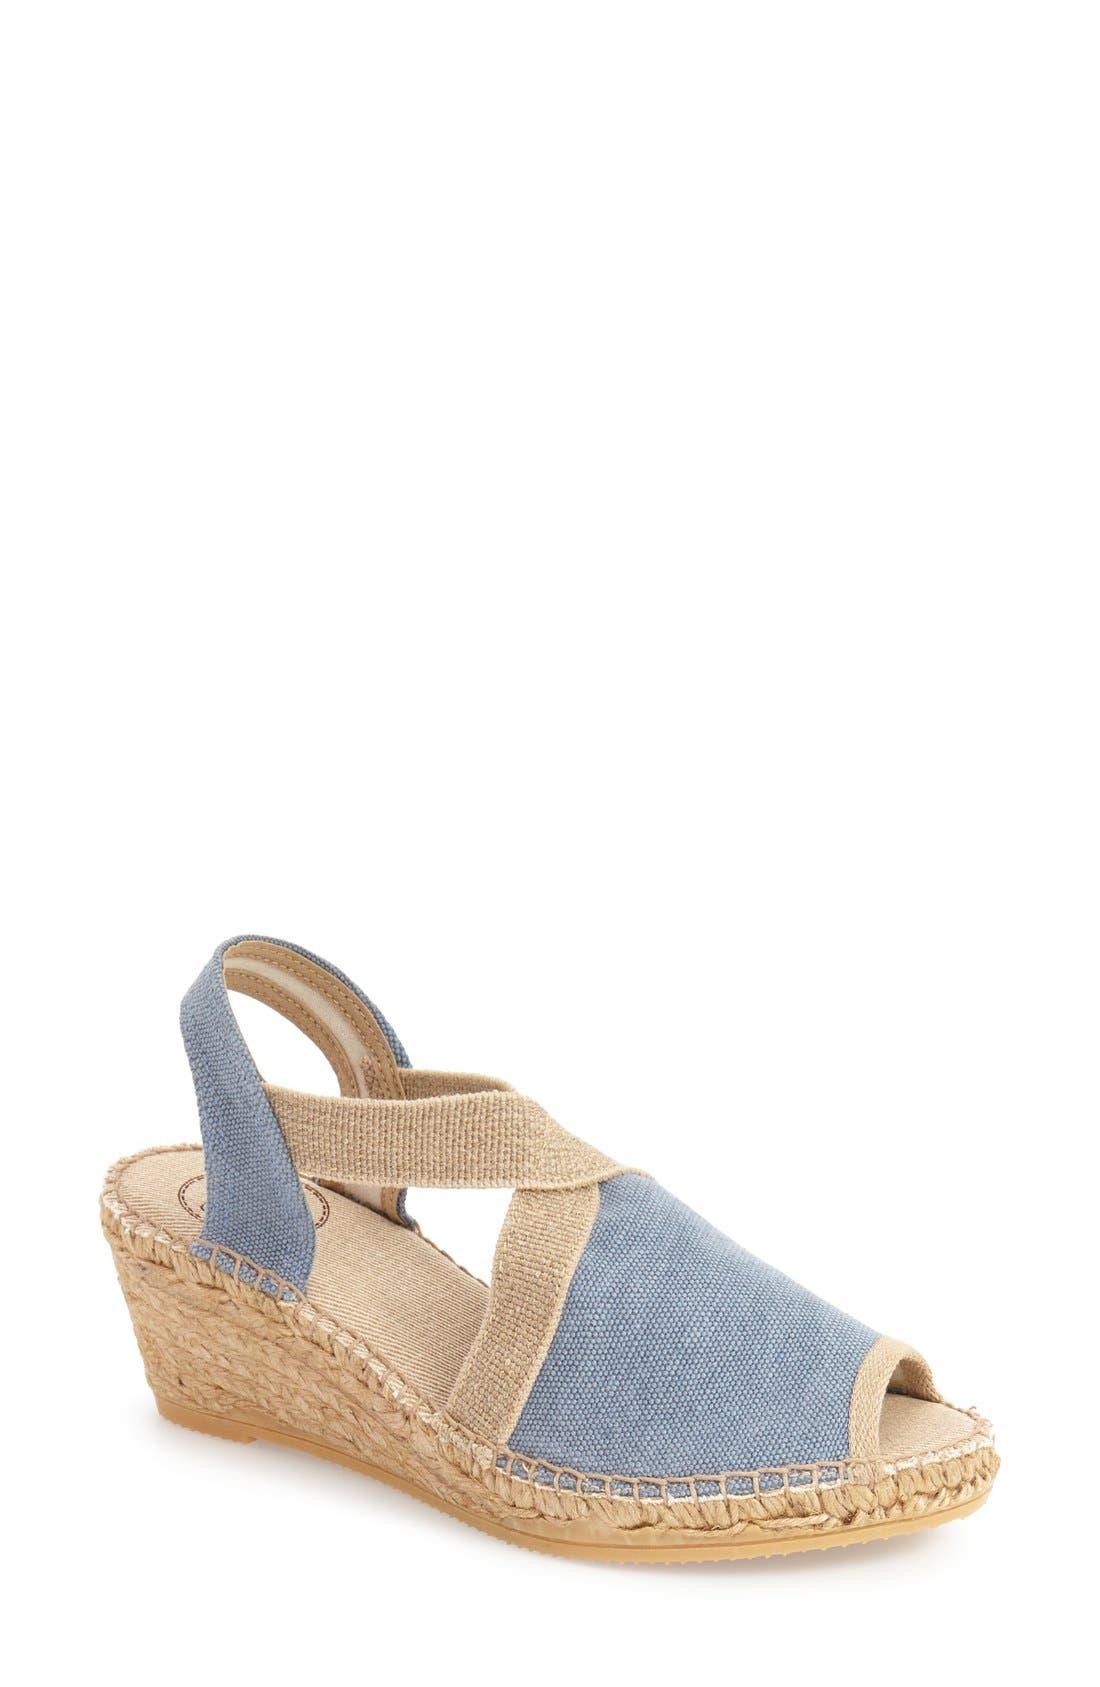 TONI PONS 'Breda' Sandal